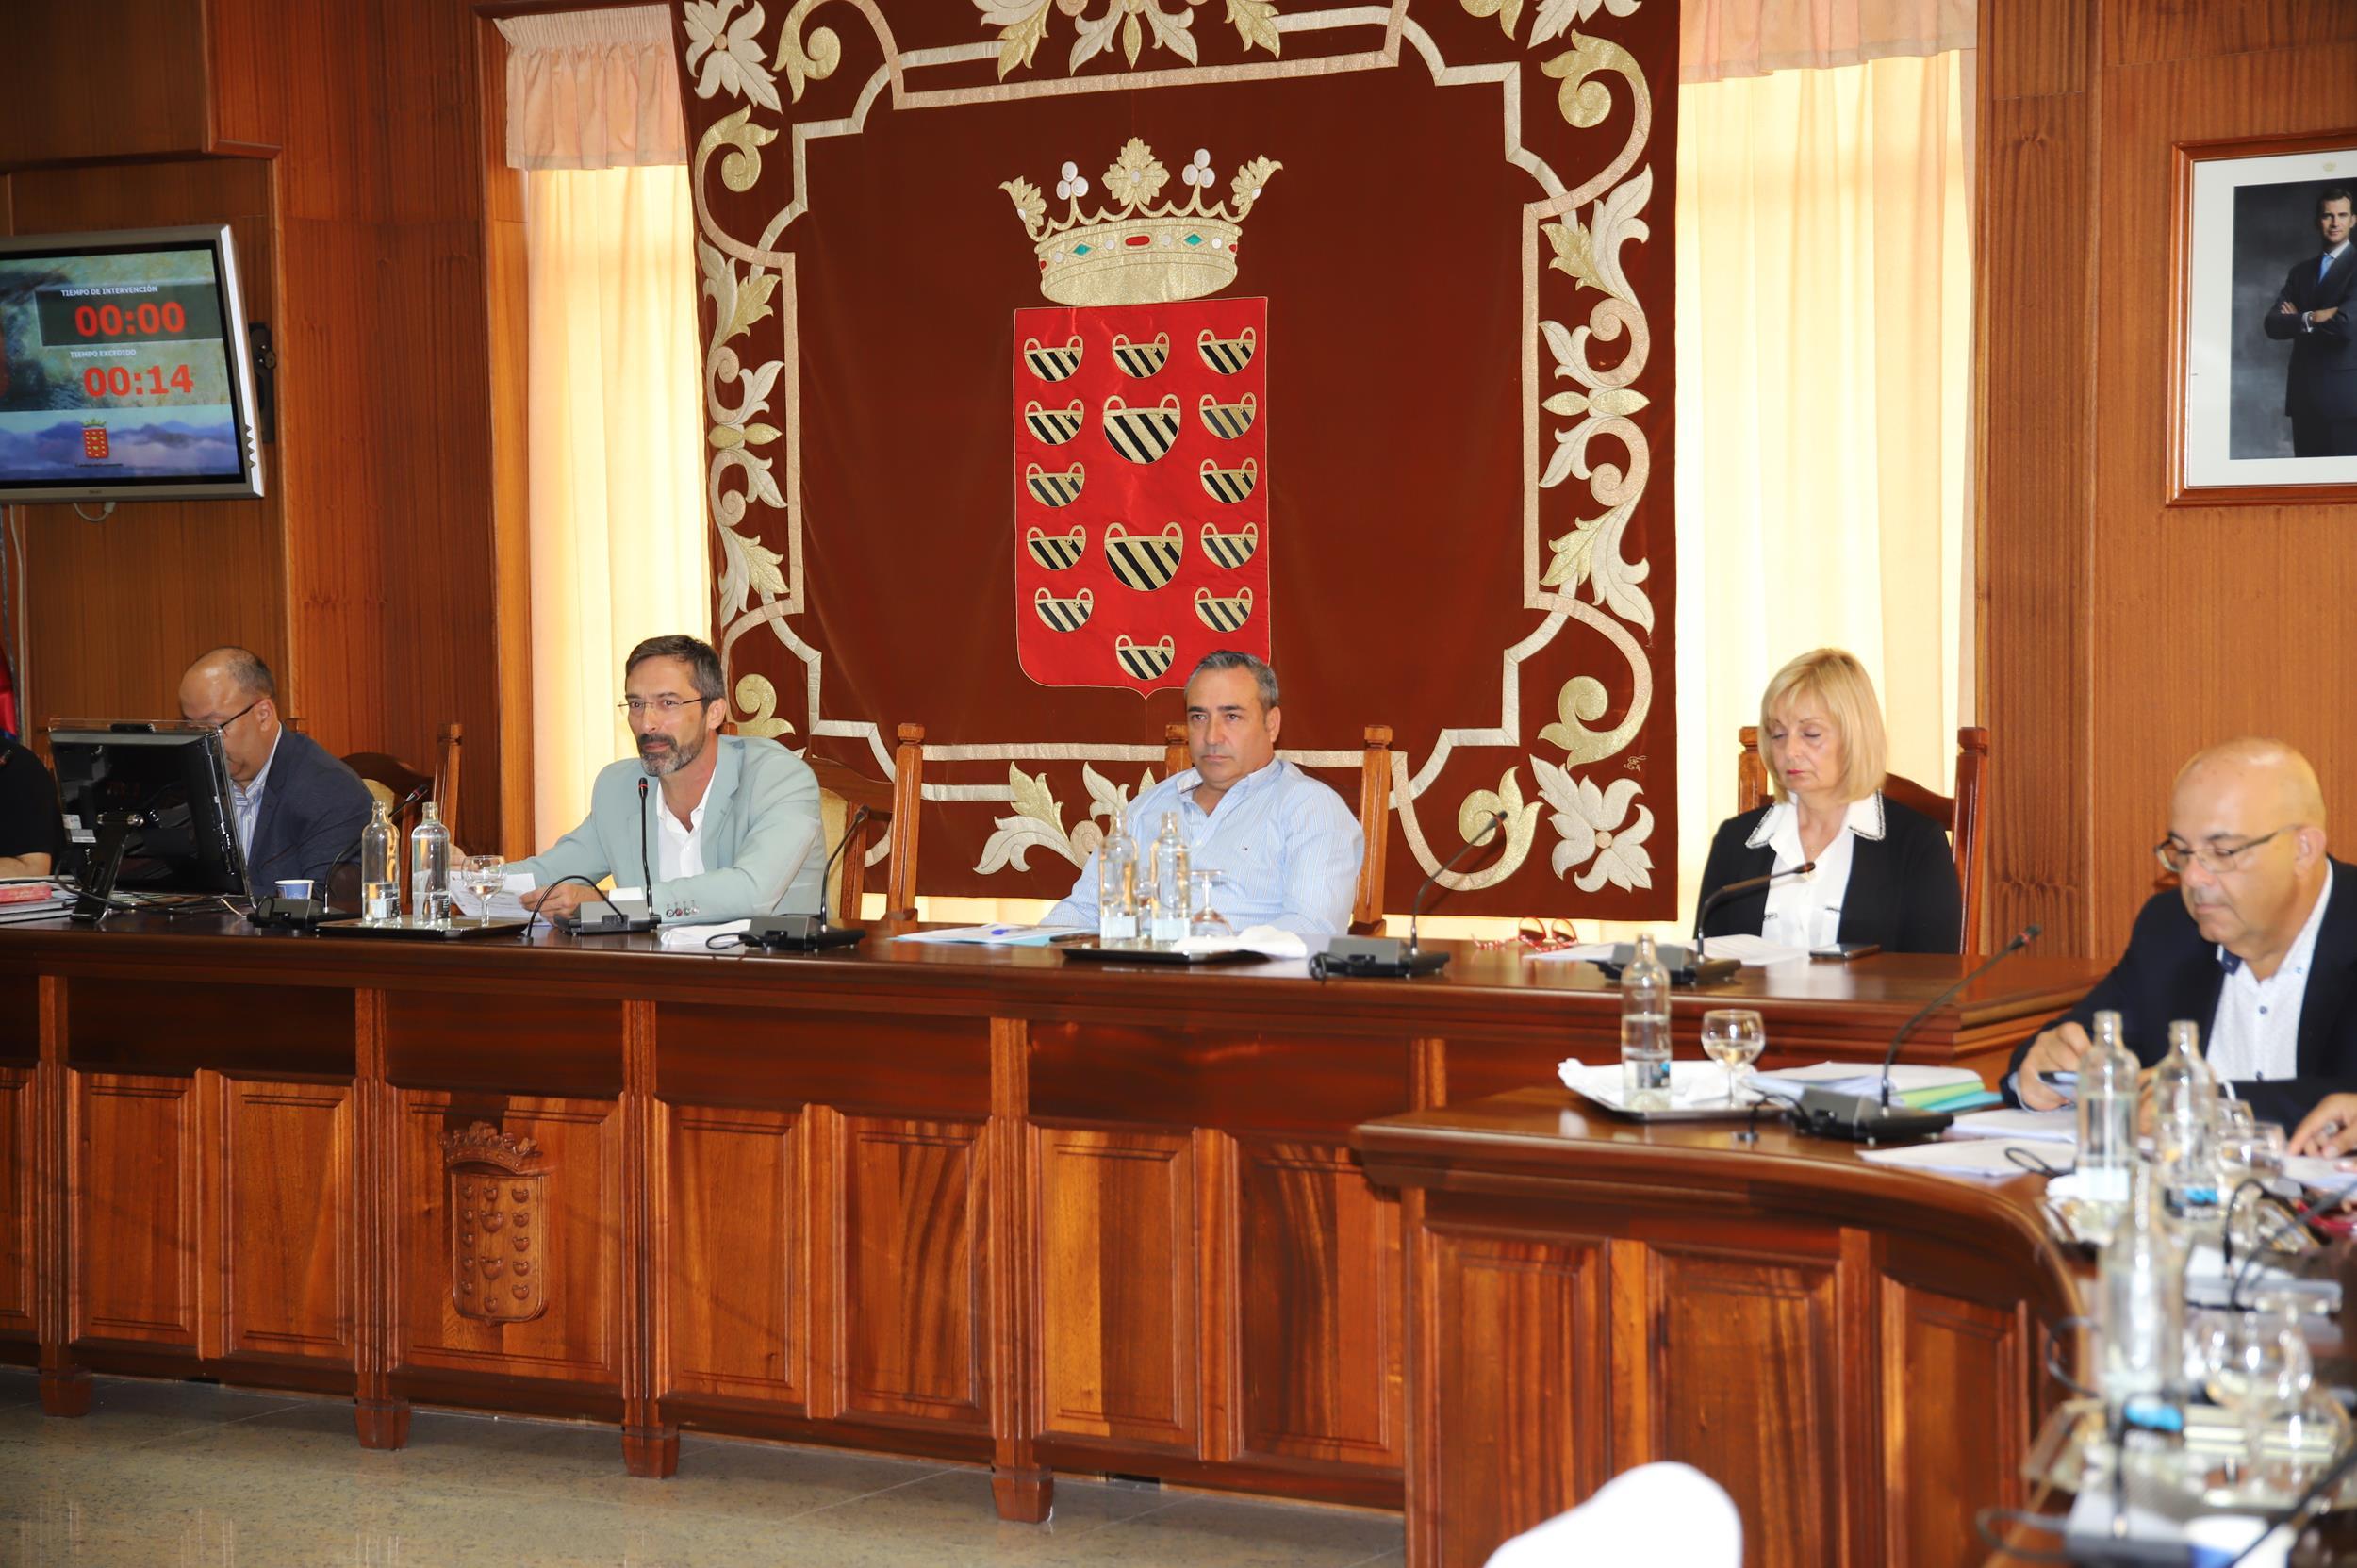 El Cabildo de Lanzarote concede subvenciones a varios proyectos generadores de empleo, energías renovables y parques eólicos, iniciativas culturales y de inserción socio educativa y para la mejora de la seguridad y atención de las emergencias en la isla